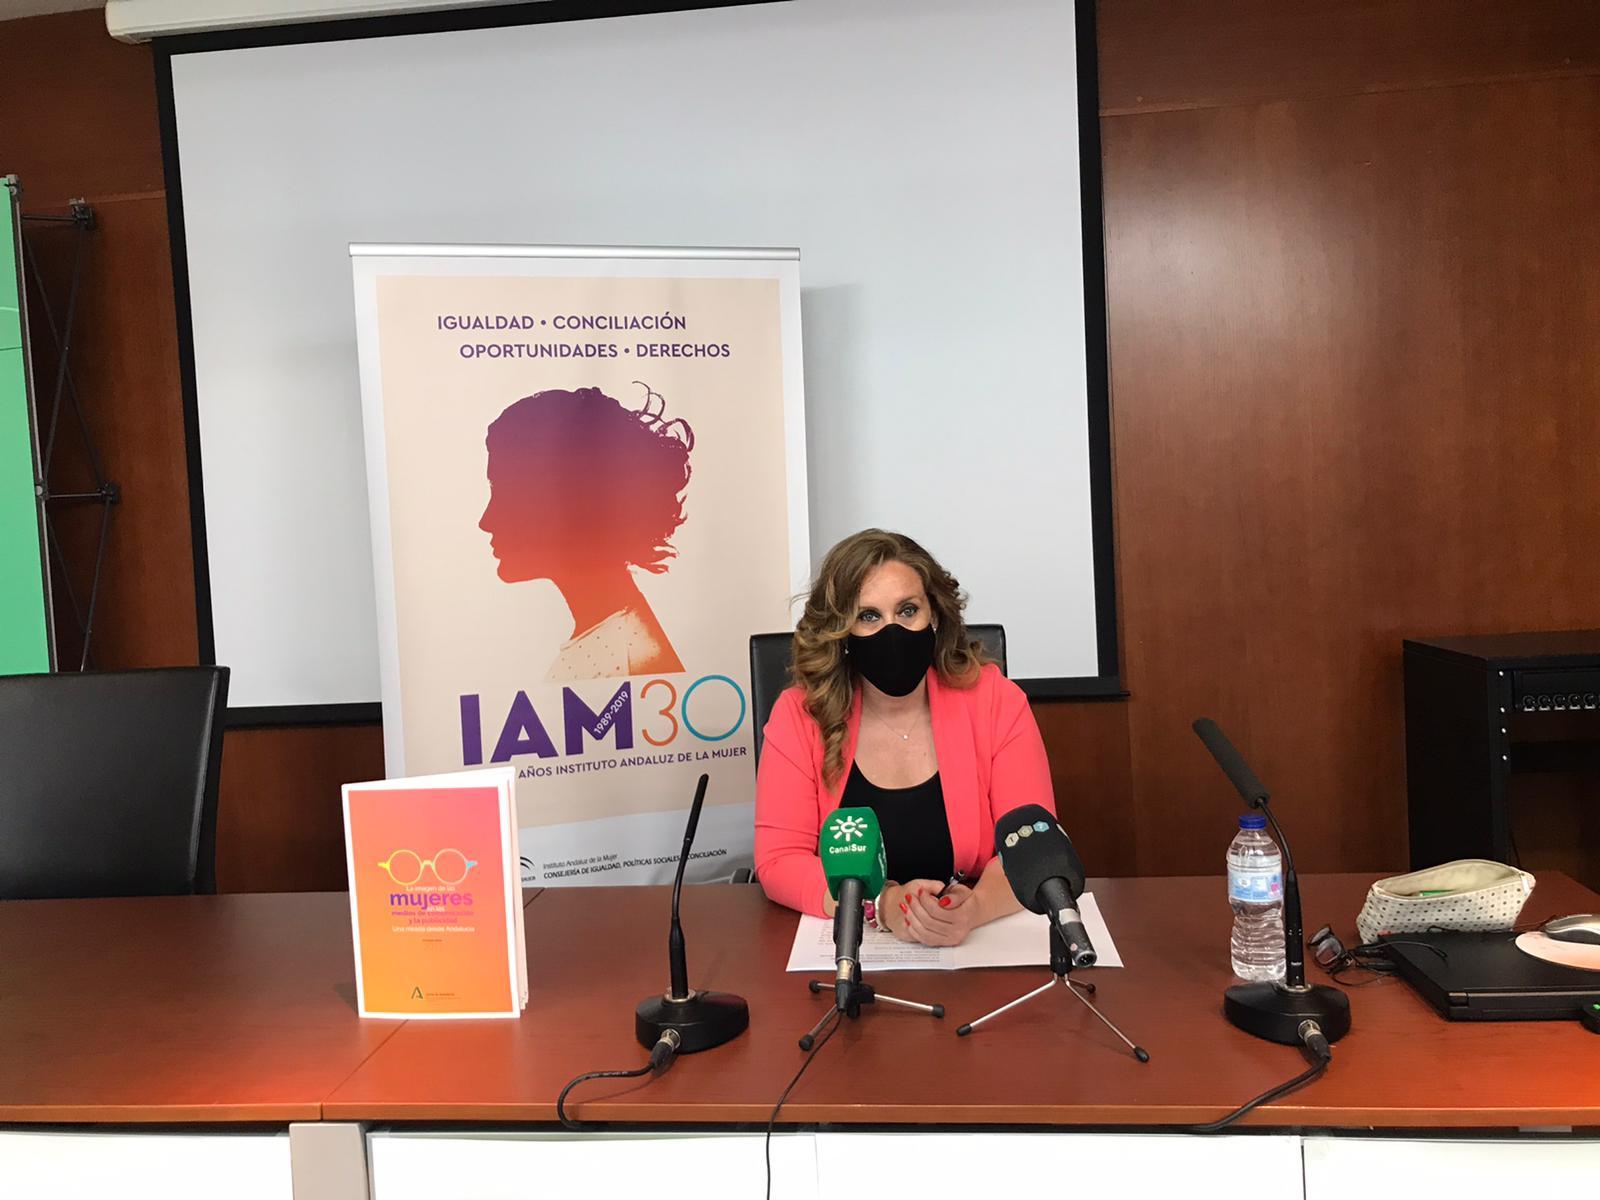 La imagen de la mujer en los medios de comunicación y la publicidad: desigual, estereotipada y con rasgos sexistas